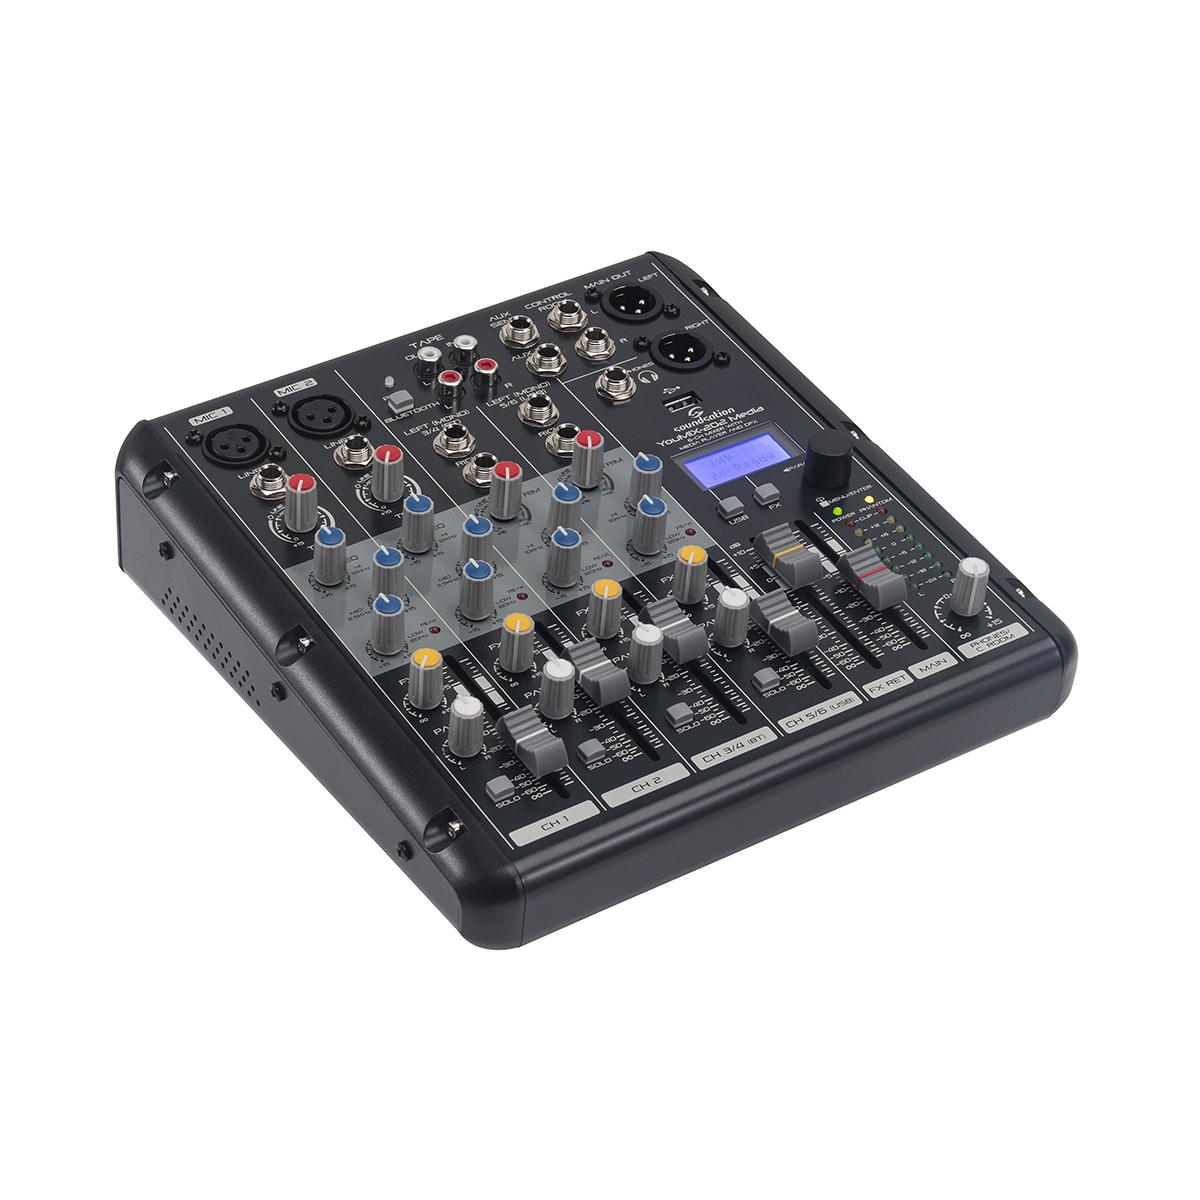 MIXER SOUNDSATION YOUMIX-202 MEDIA C/EFFETTI E LETTORE AUDIO